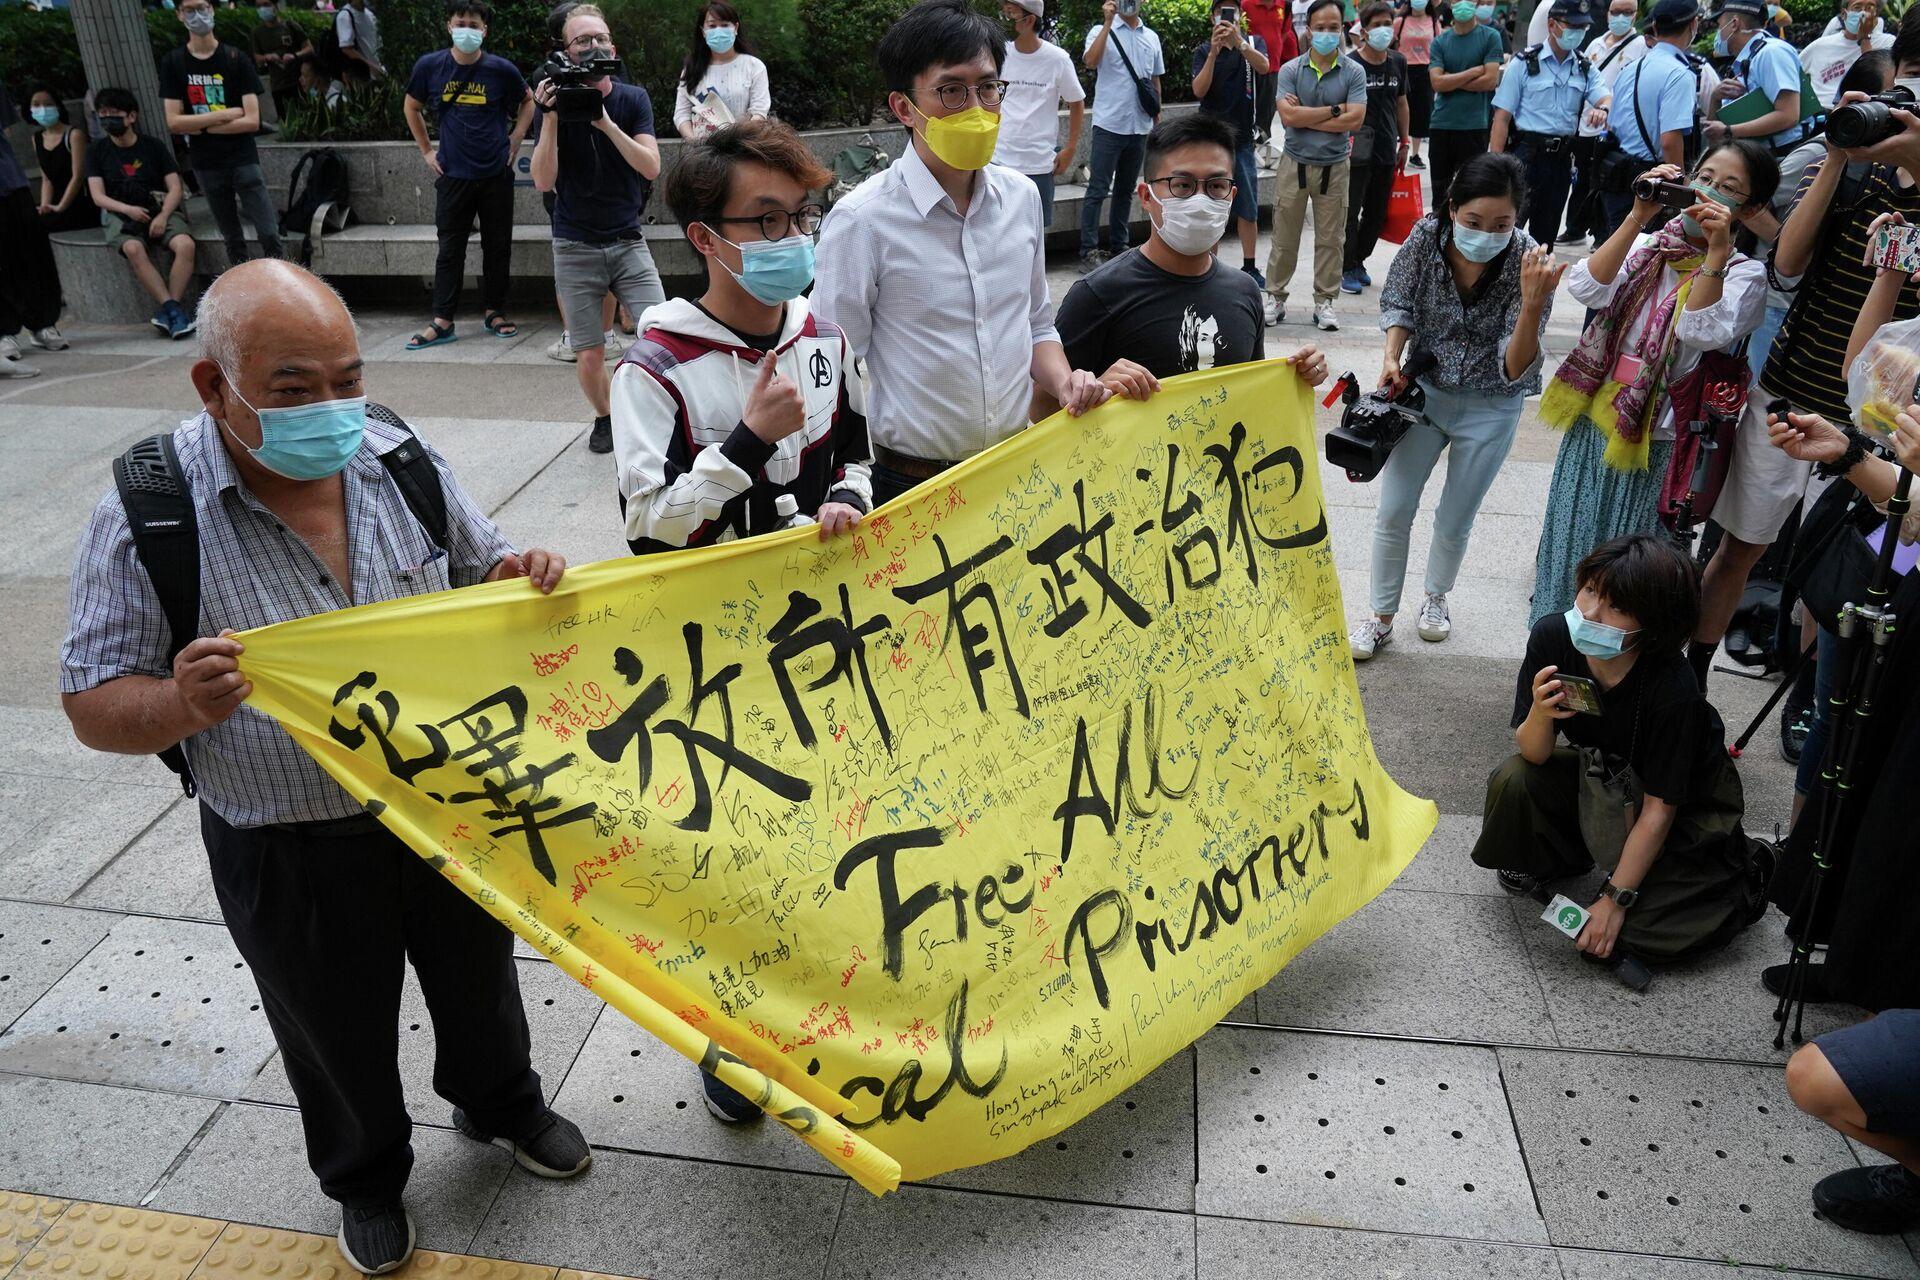 Демократические активисты перед зданием суда в Гонконге, где заседание об организации несанкционированных митингов в 2019 году - РИА Новости, 1920, 18.05.2021